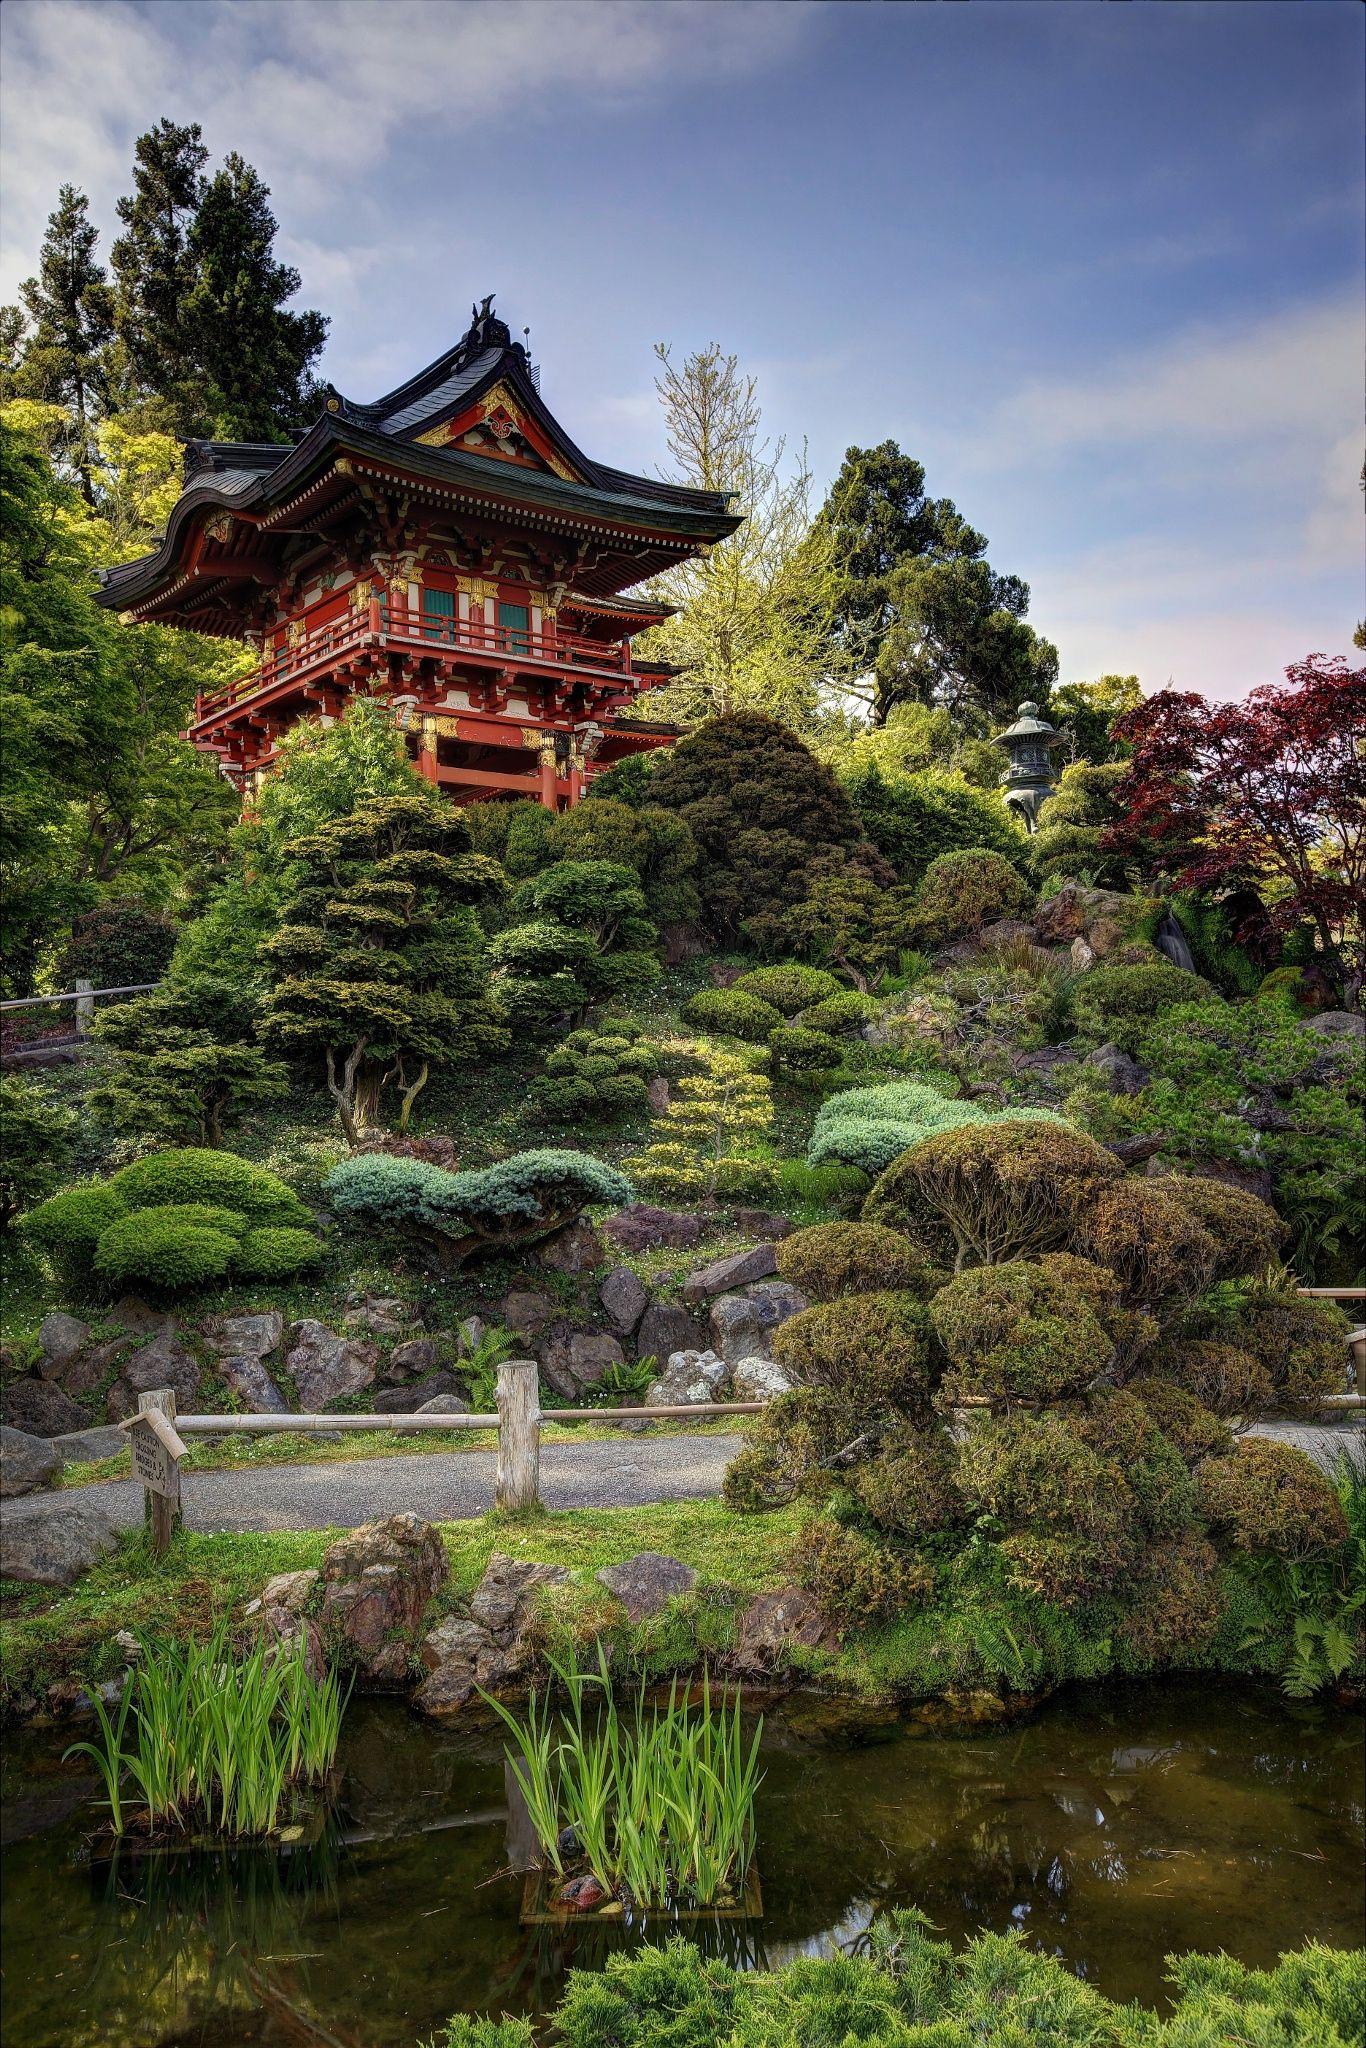 China Garten Best Of Japanese Tea Garden by Frank Kehren On 500px